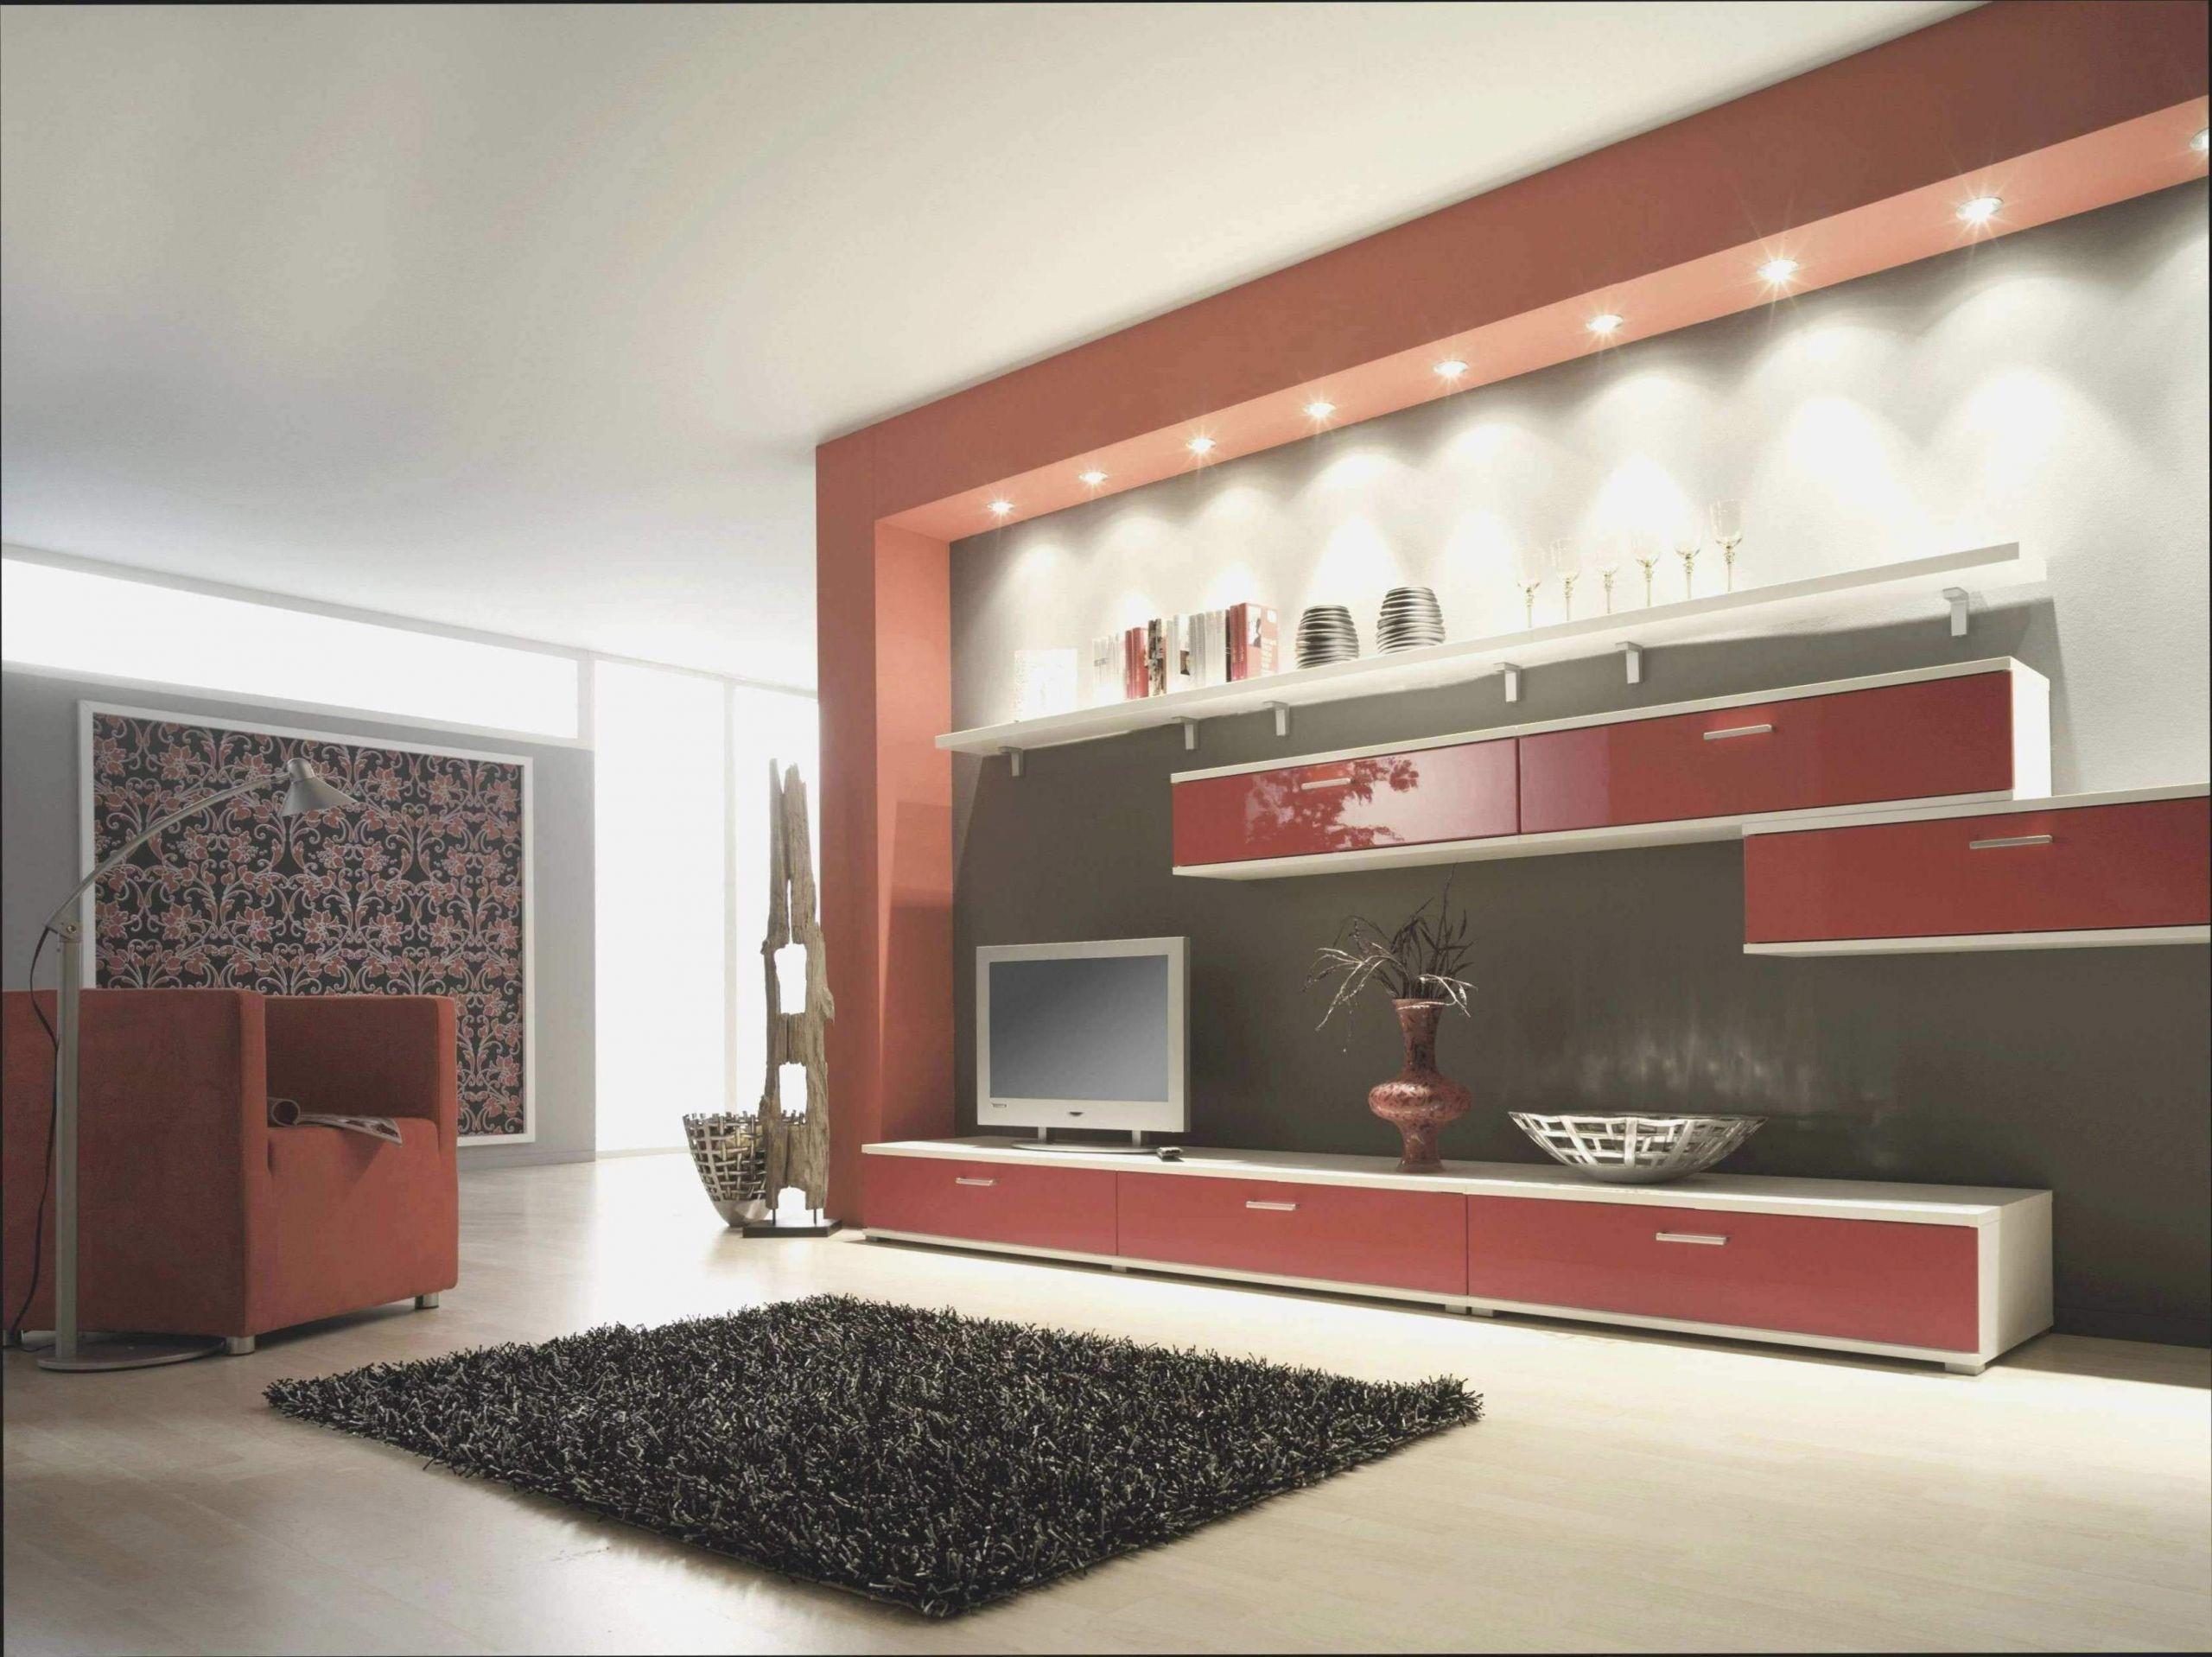 deko fur wohnzimmer frisch 45 tolle von deko fur wohnzimmer design of deko fur wohnzimmer scaled